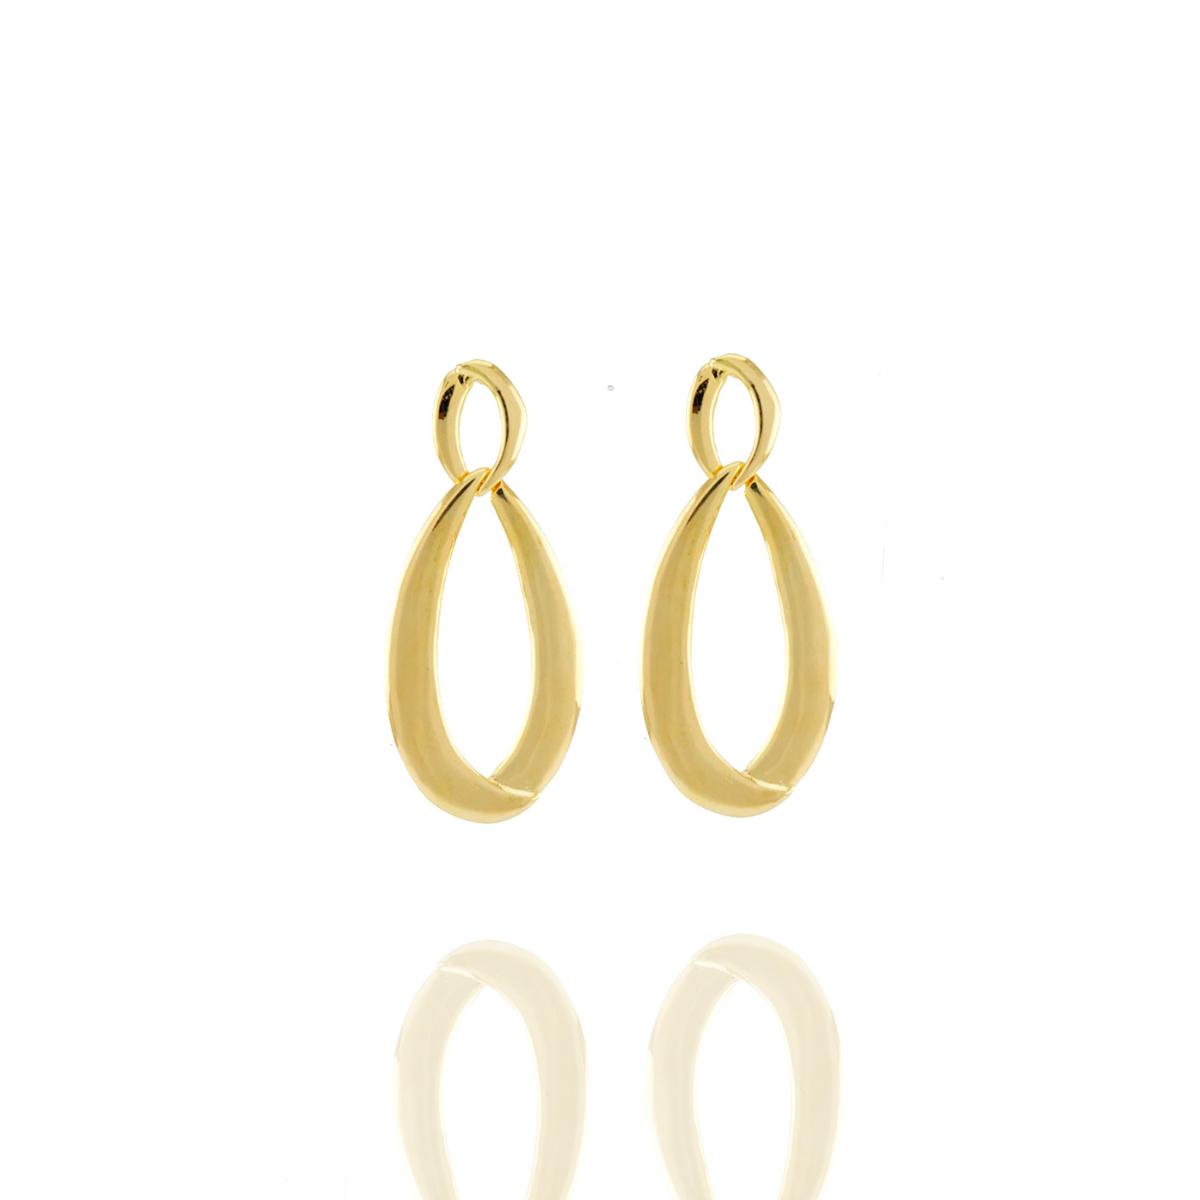 Brinco Barbara Strauss Infinit Em Metal Dourado,Revestido Em Ouro 18K